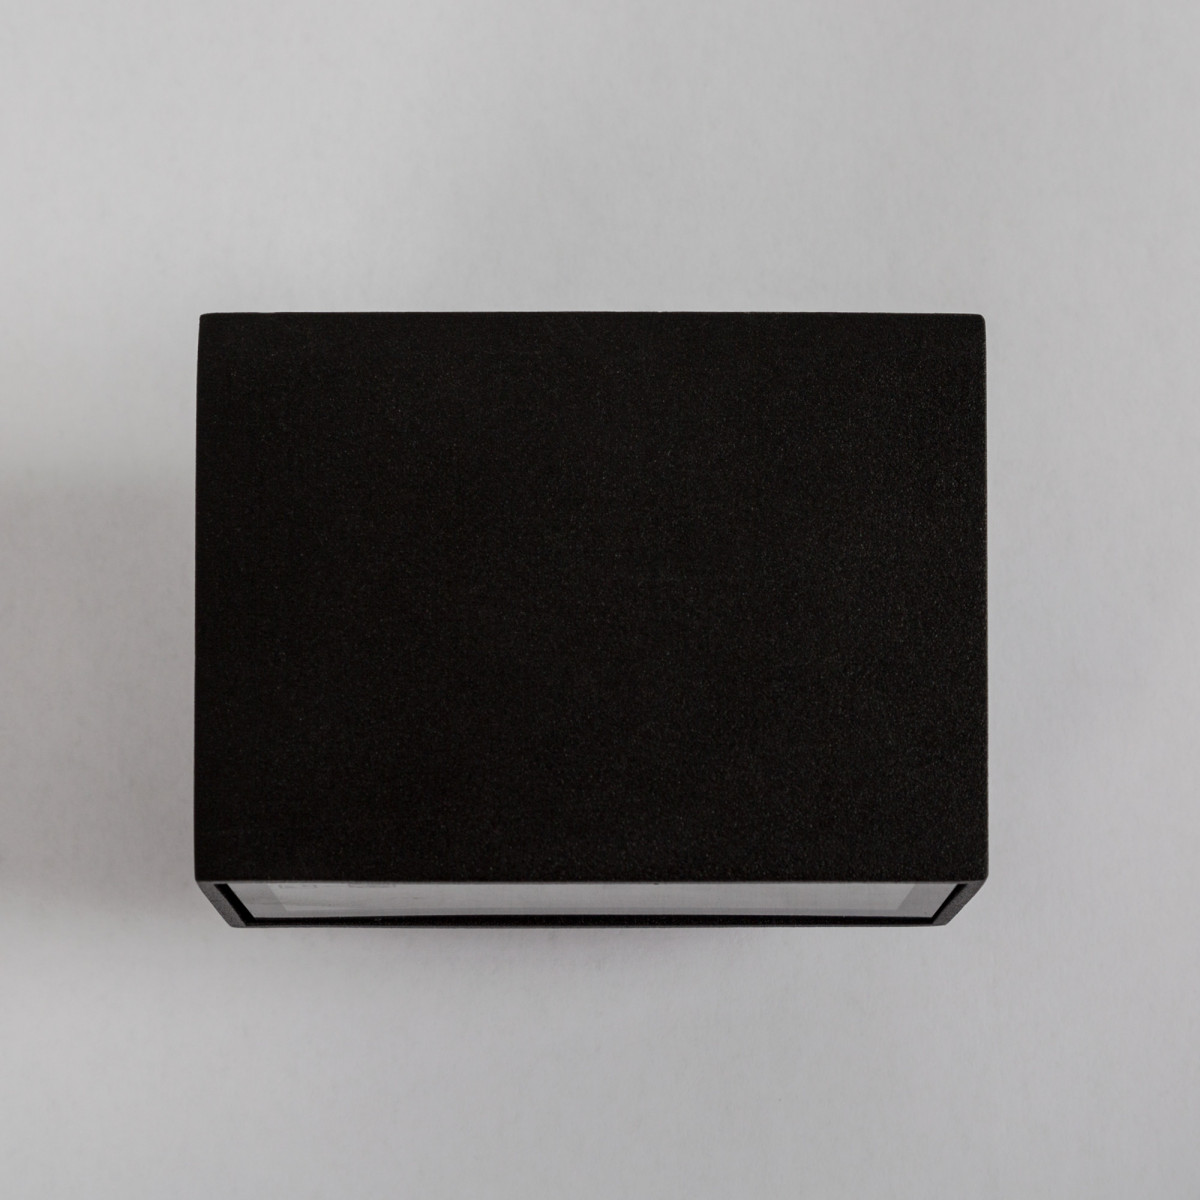 Wandspot Segment S Up & Down Schwarz LED - Wandstrahler - Wandleuchte Modern